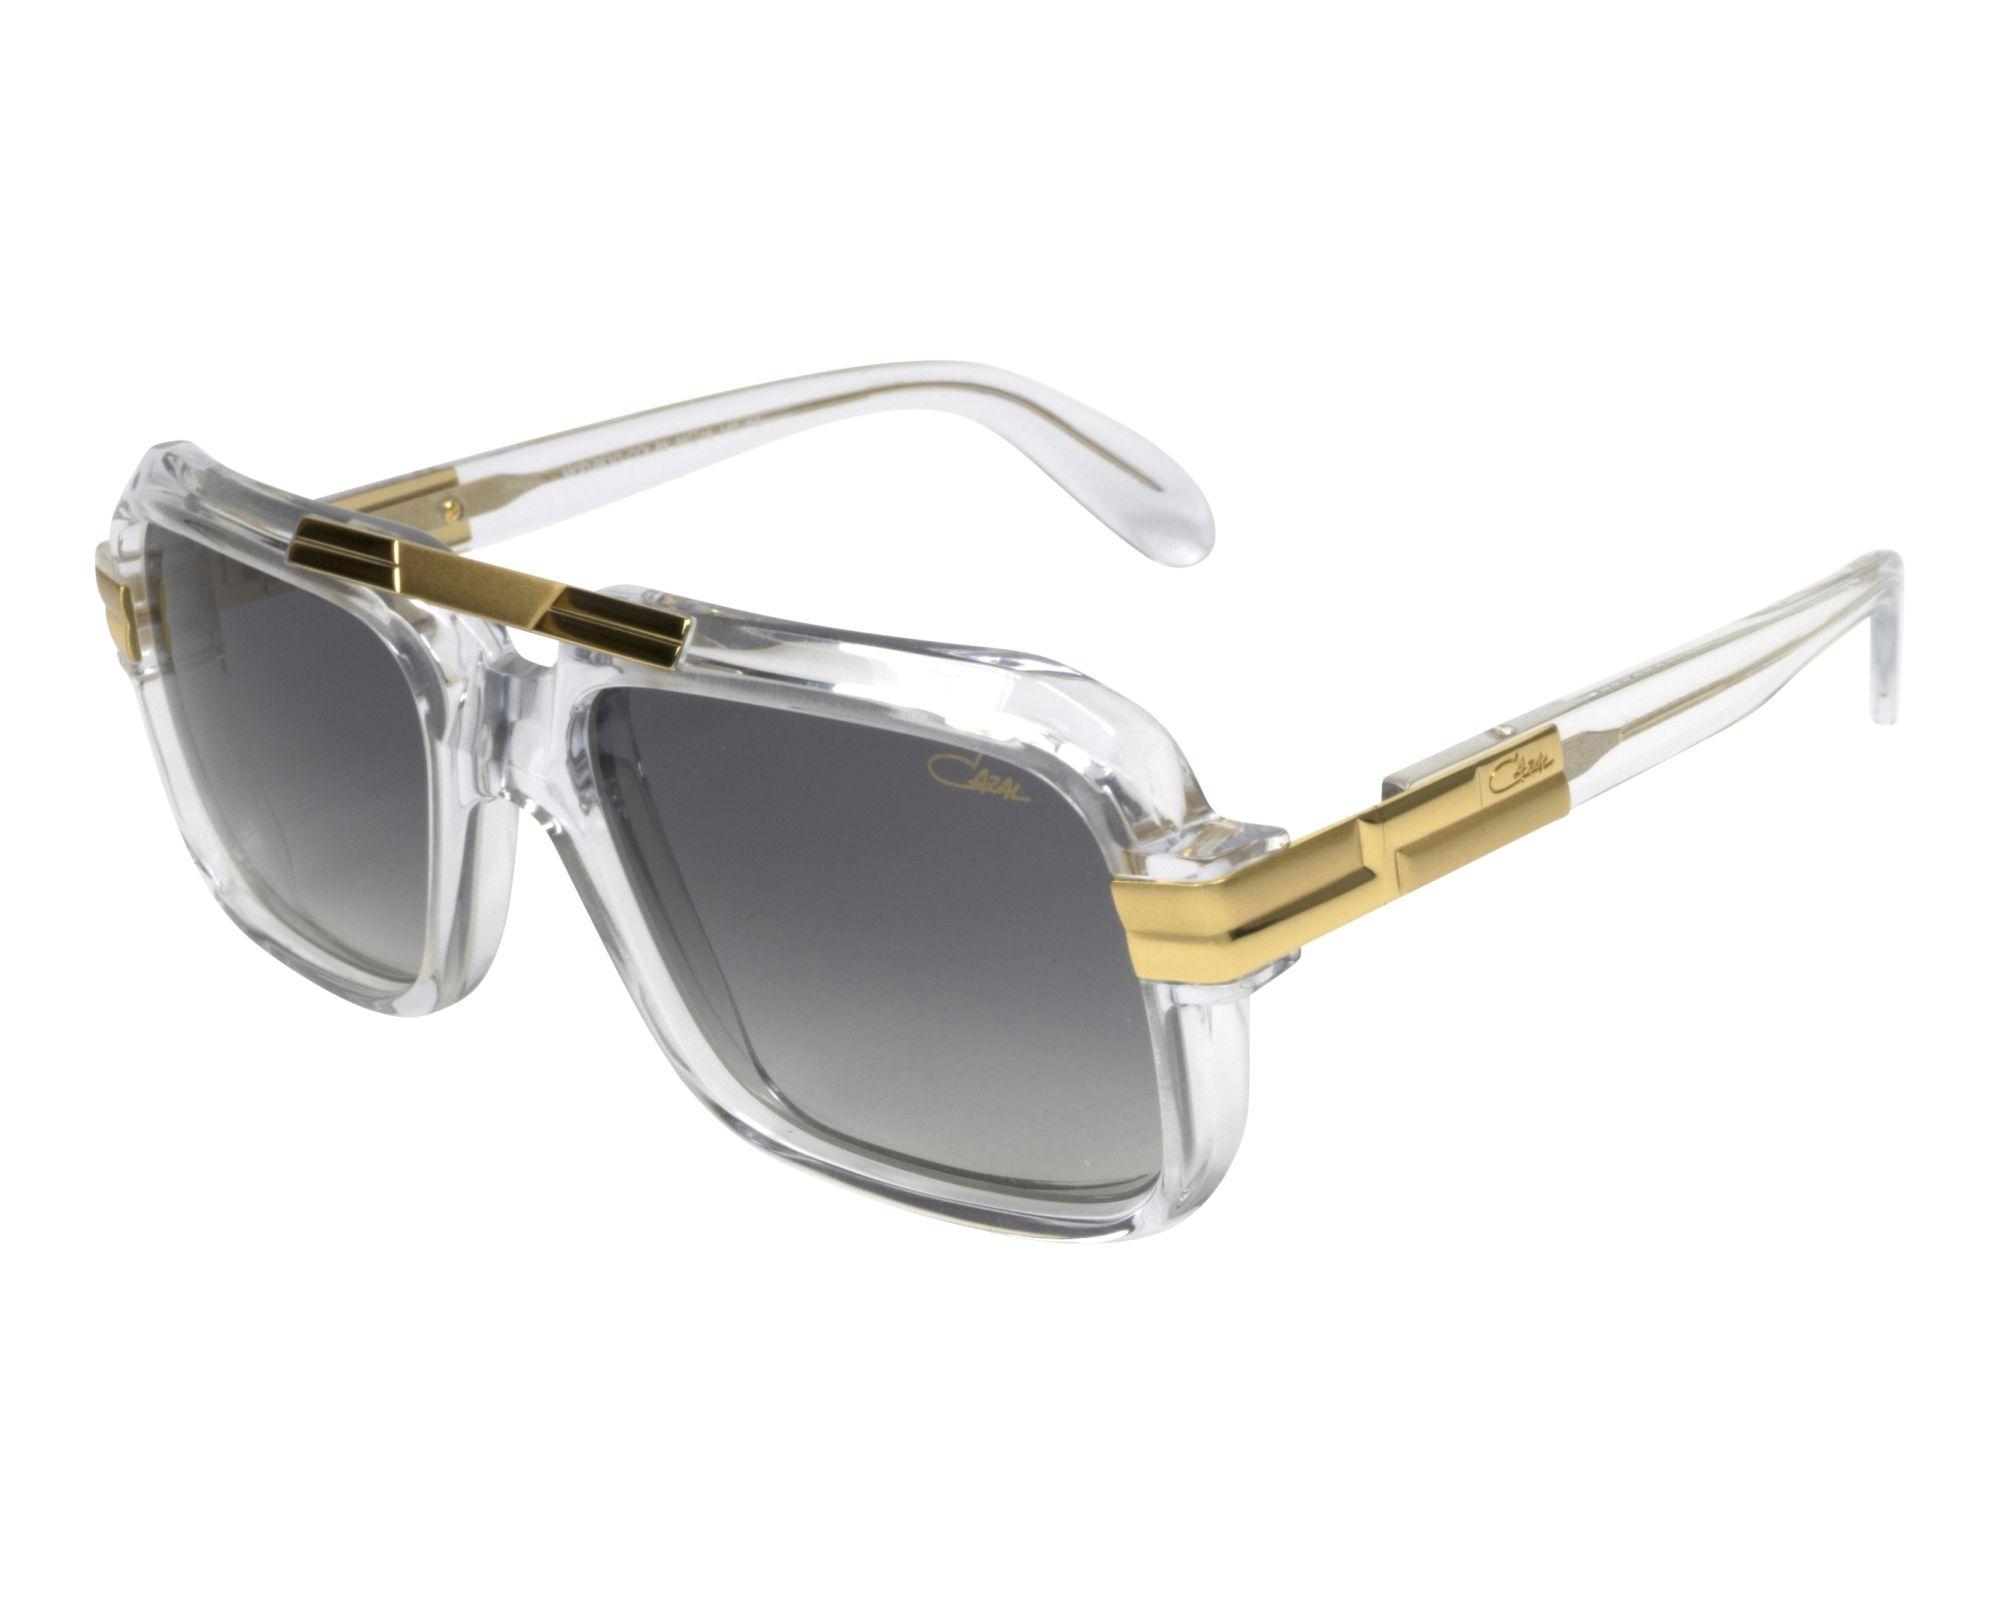 4b523f88ef Gafas de sol Cazal 663-3 065 56-18 Cristal Oro vista de perfil